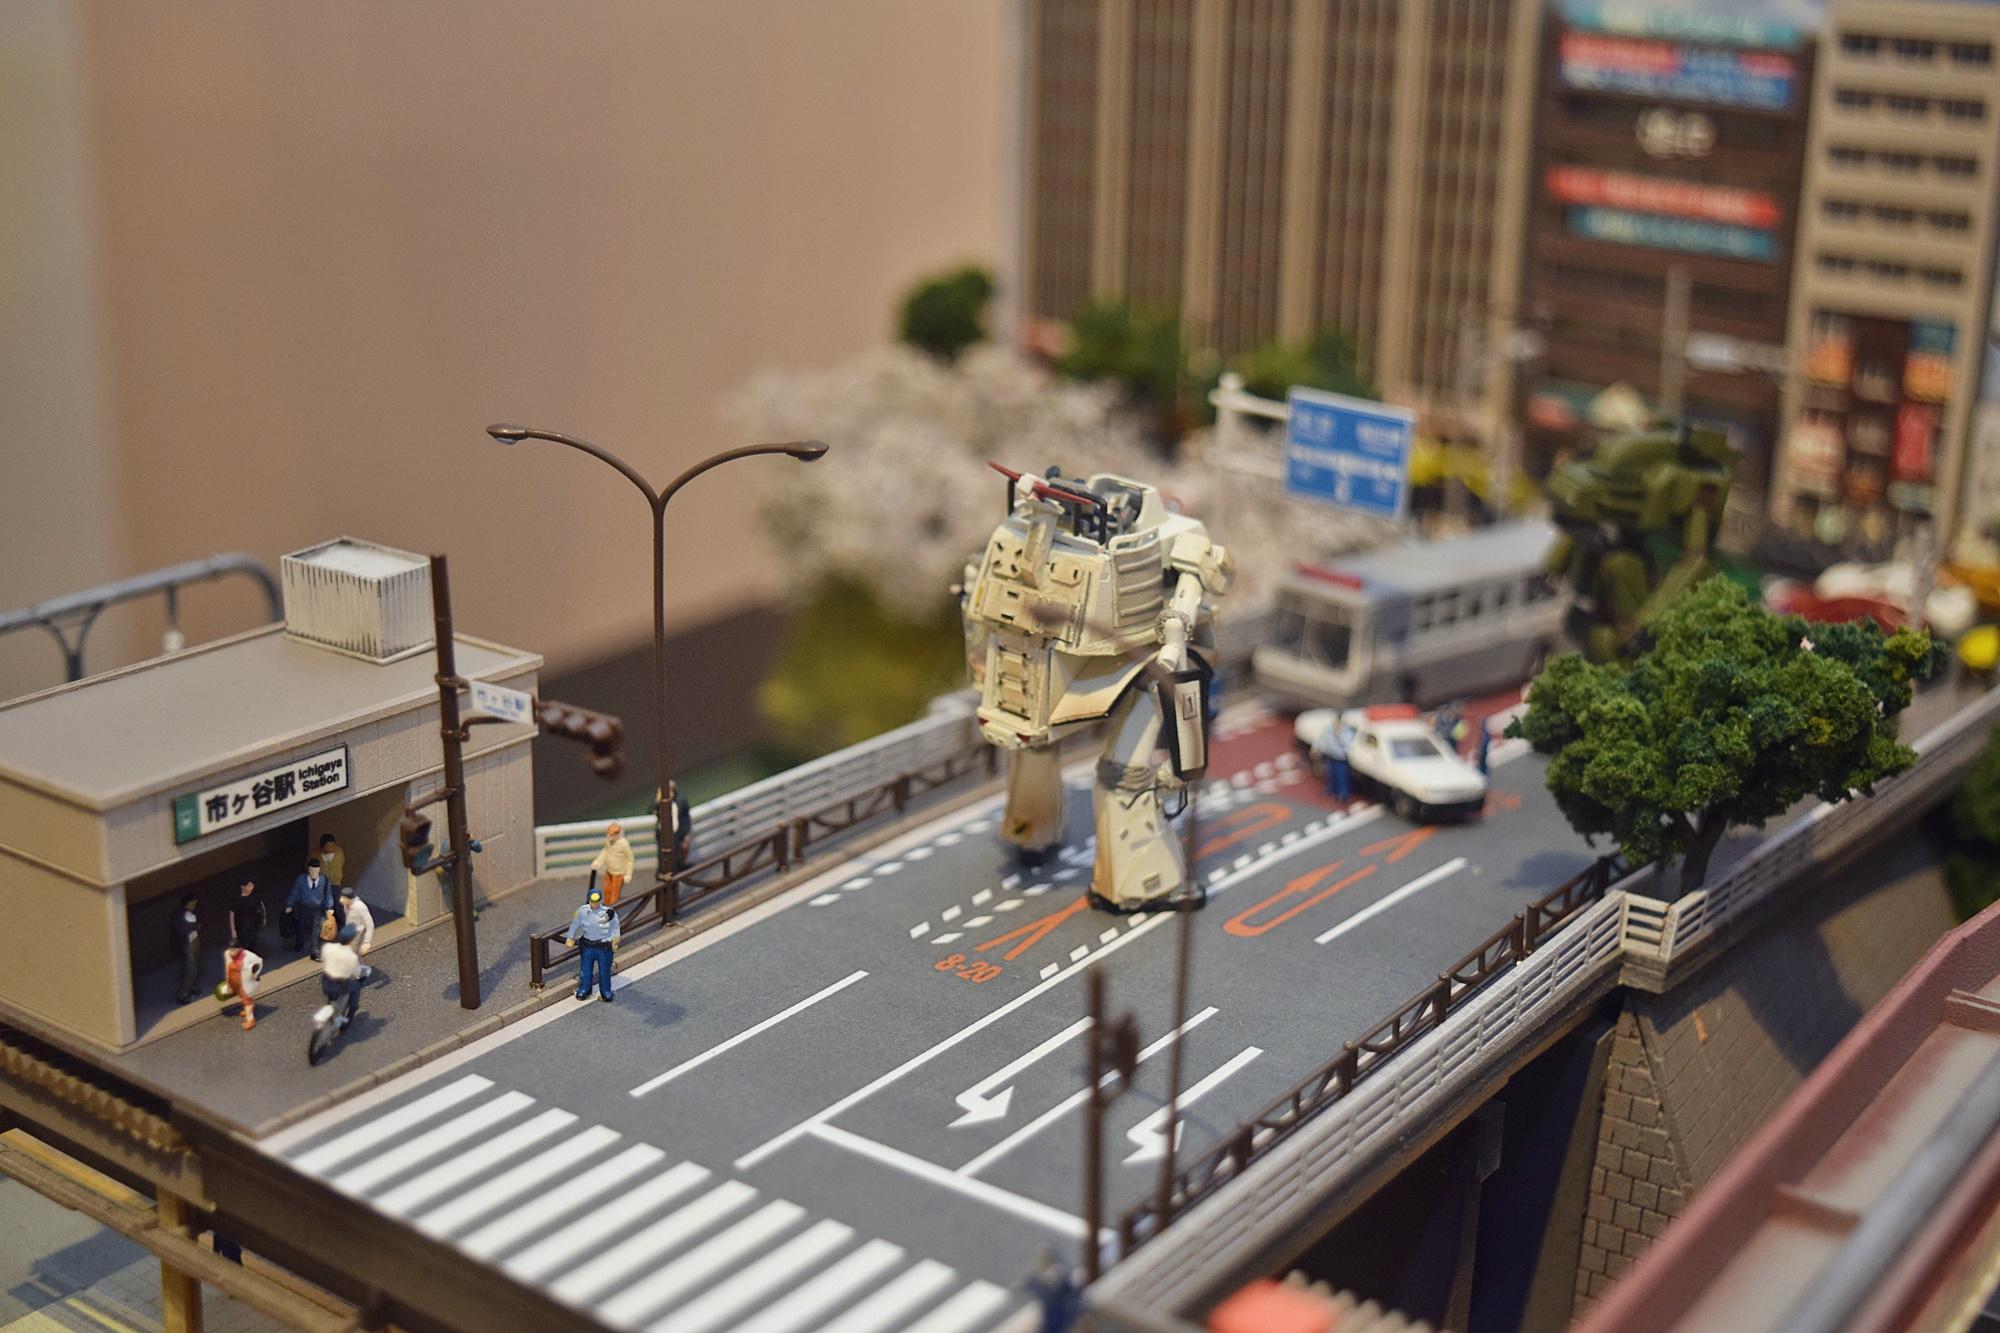 「アニメと鉄道展」を鉄道BIG4が大絶賛! 『ラブライブ!サンシャイン!!』、『この世界の片隅に』、『機動警察パトレイバー』、『ISLAND』などが展示-18